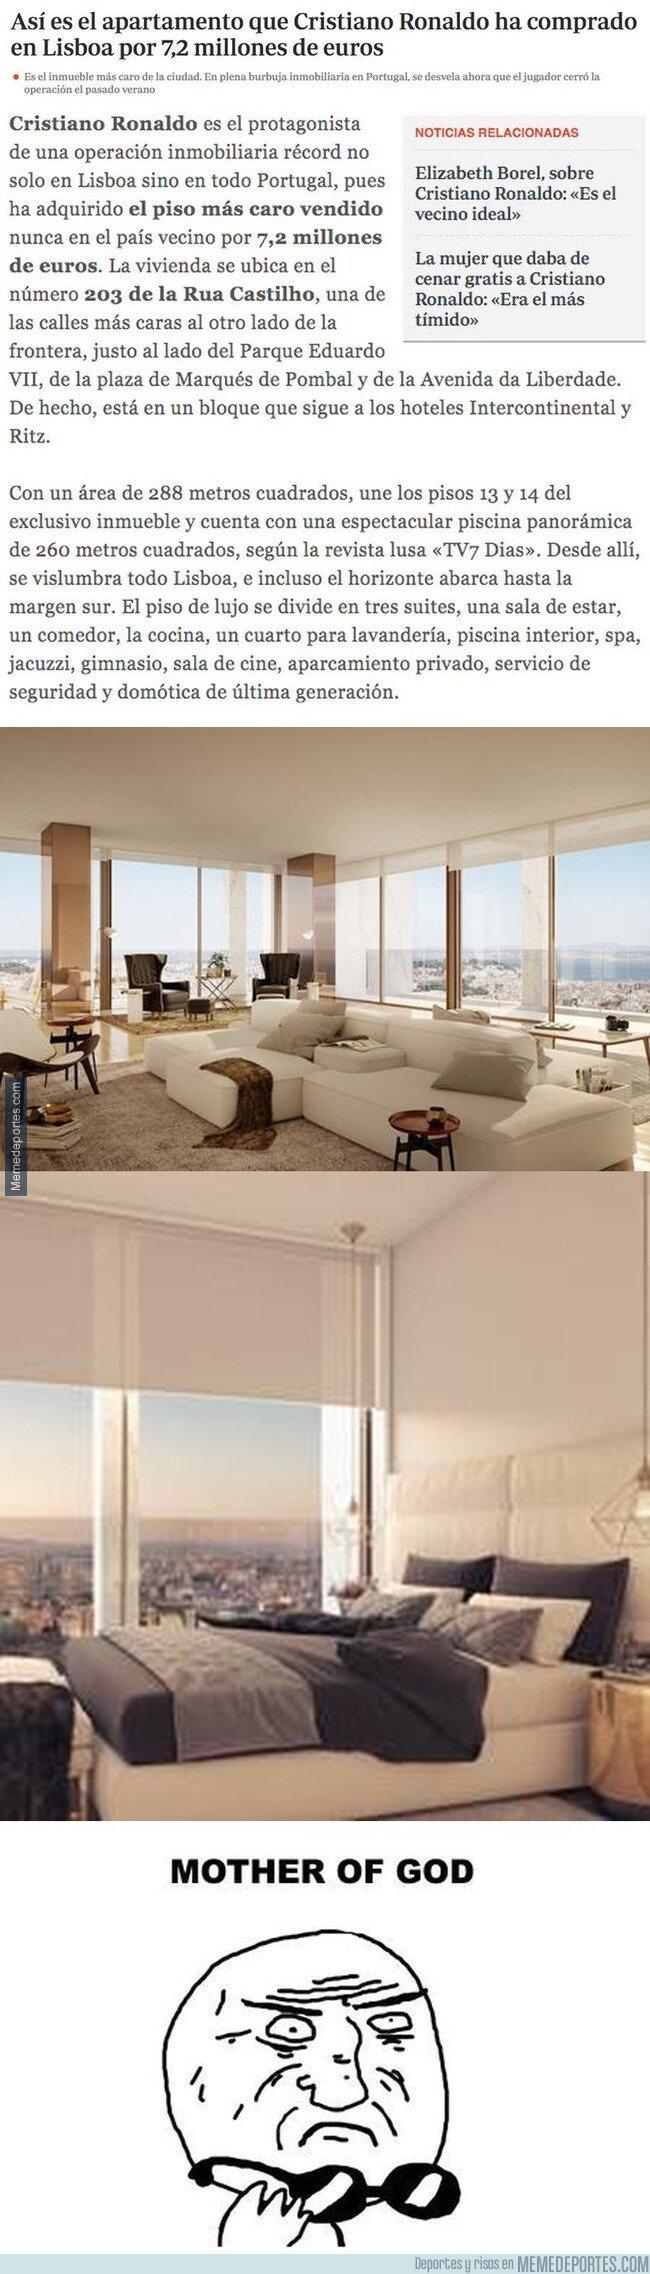 1093697 - Así es el apartamento que Cristiano Ronaldo ha comprado en Lisboa por 7,2 millones de euros